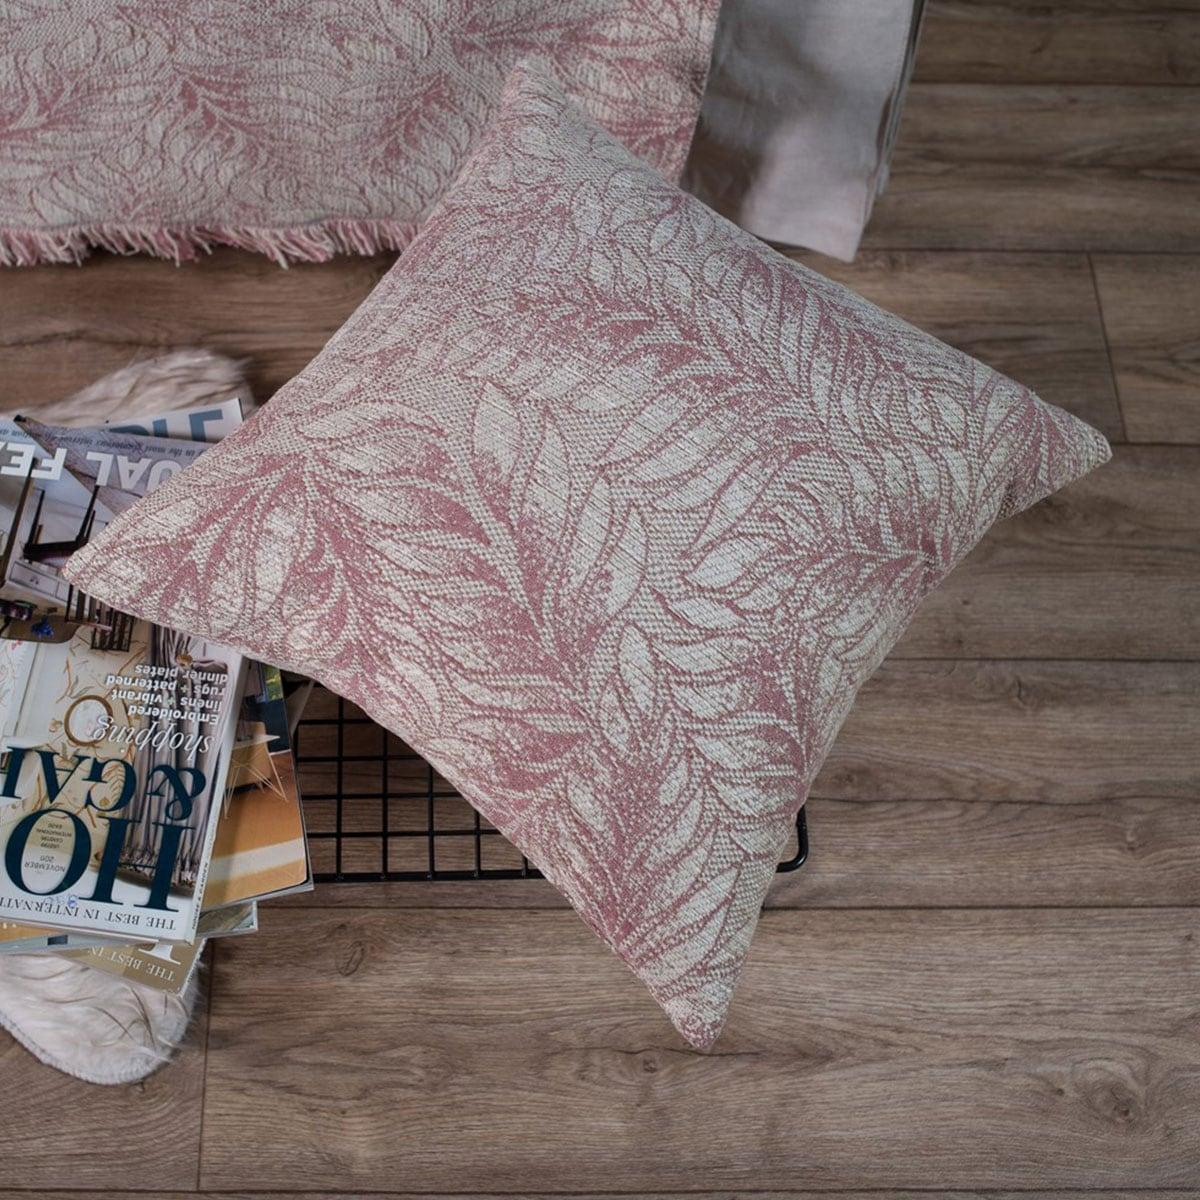 Μαξιλαροθήκη Διακοσμητική Illinois 12 Rose Teoran 45X45 Ακρυλικό-Polyester